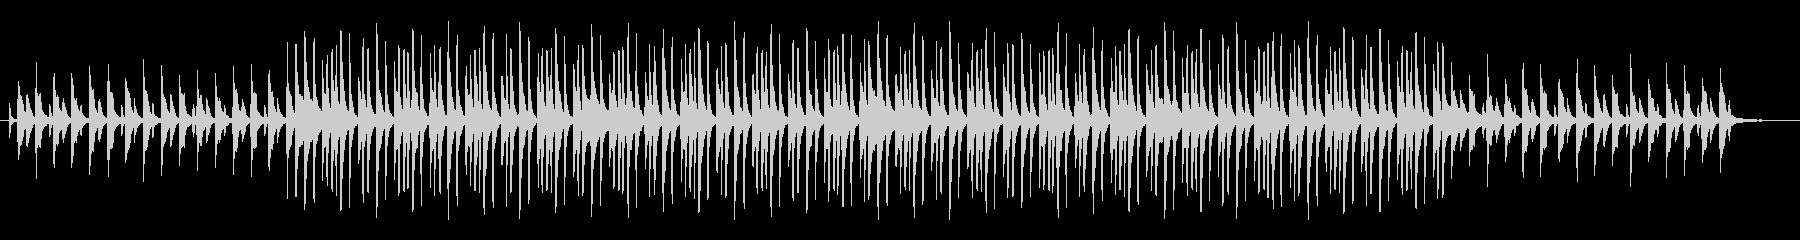 映像音楽等に。ほのぼのピアノポップの未再生の波形